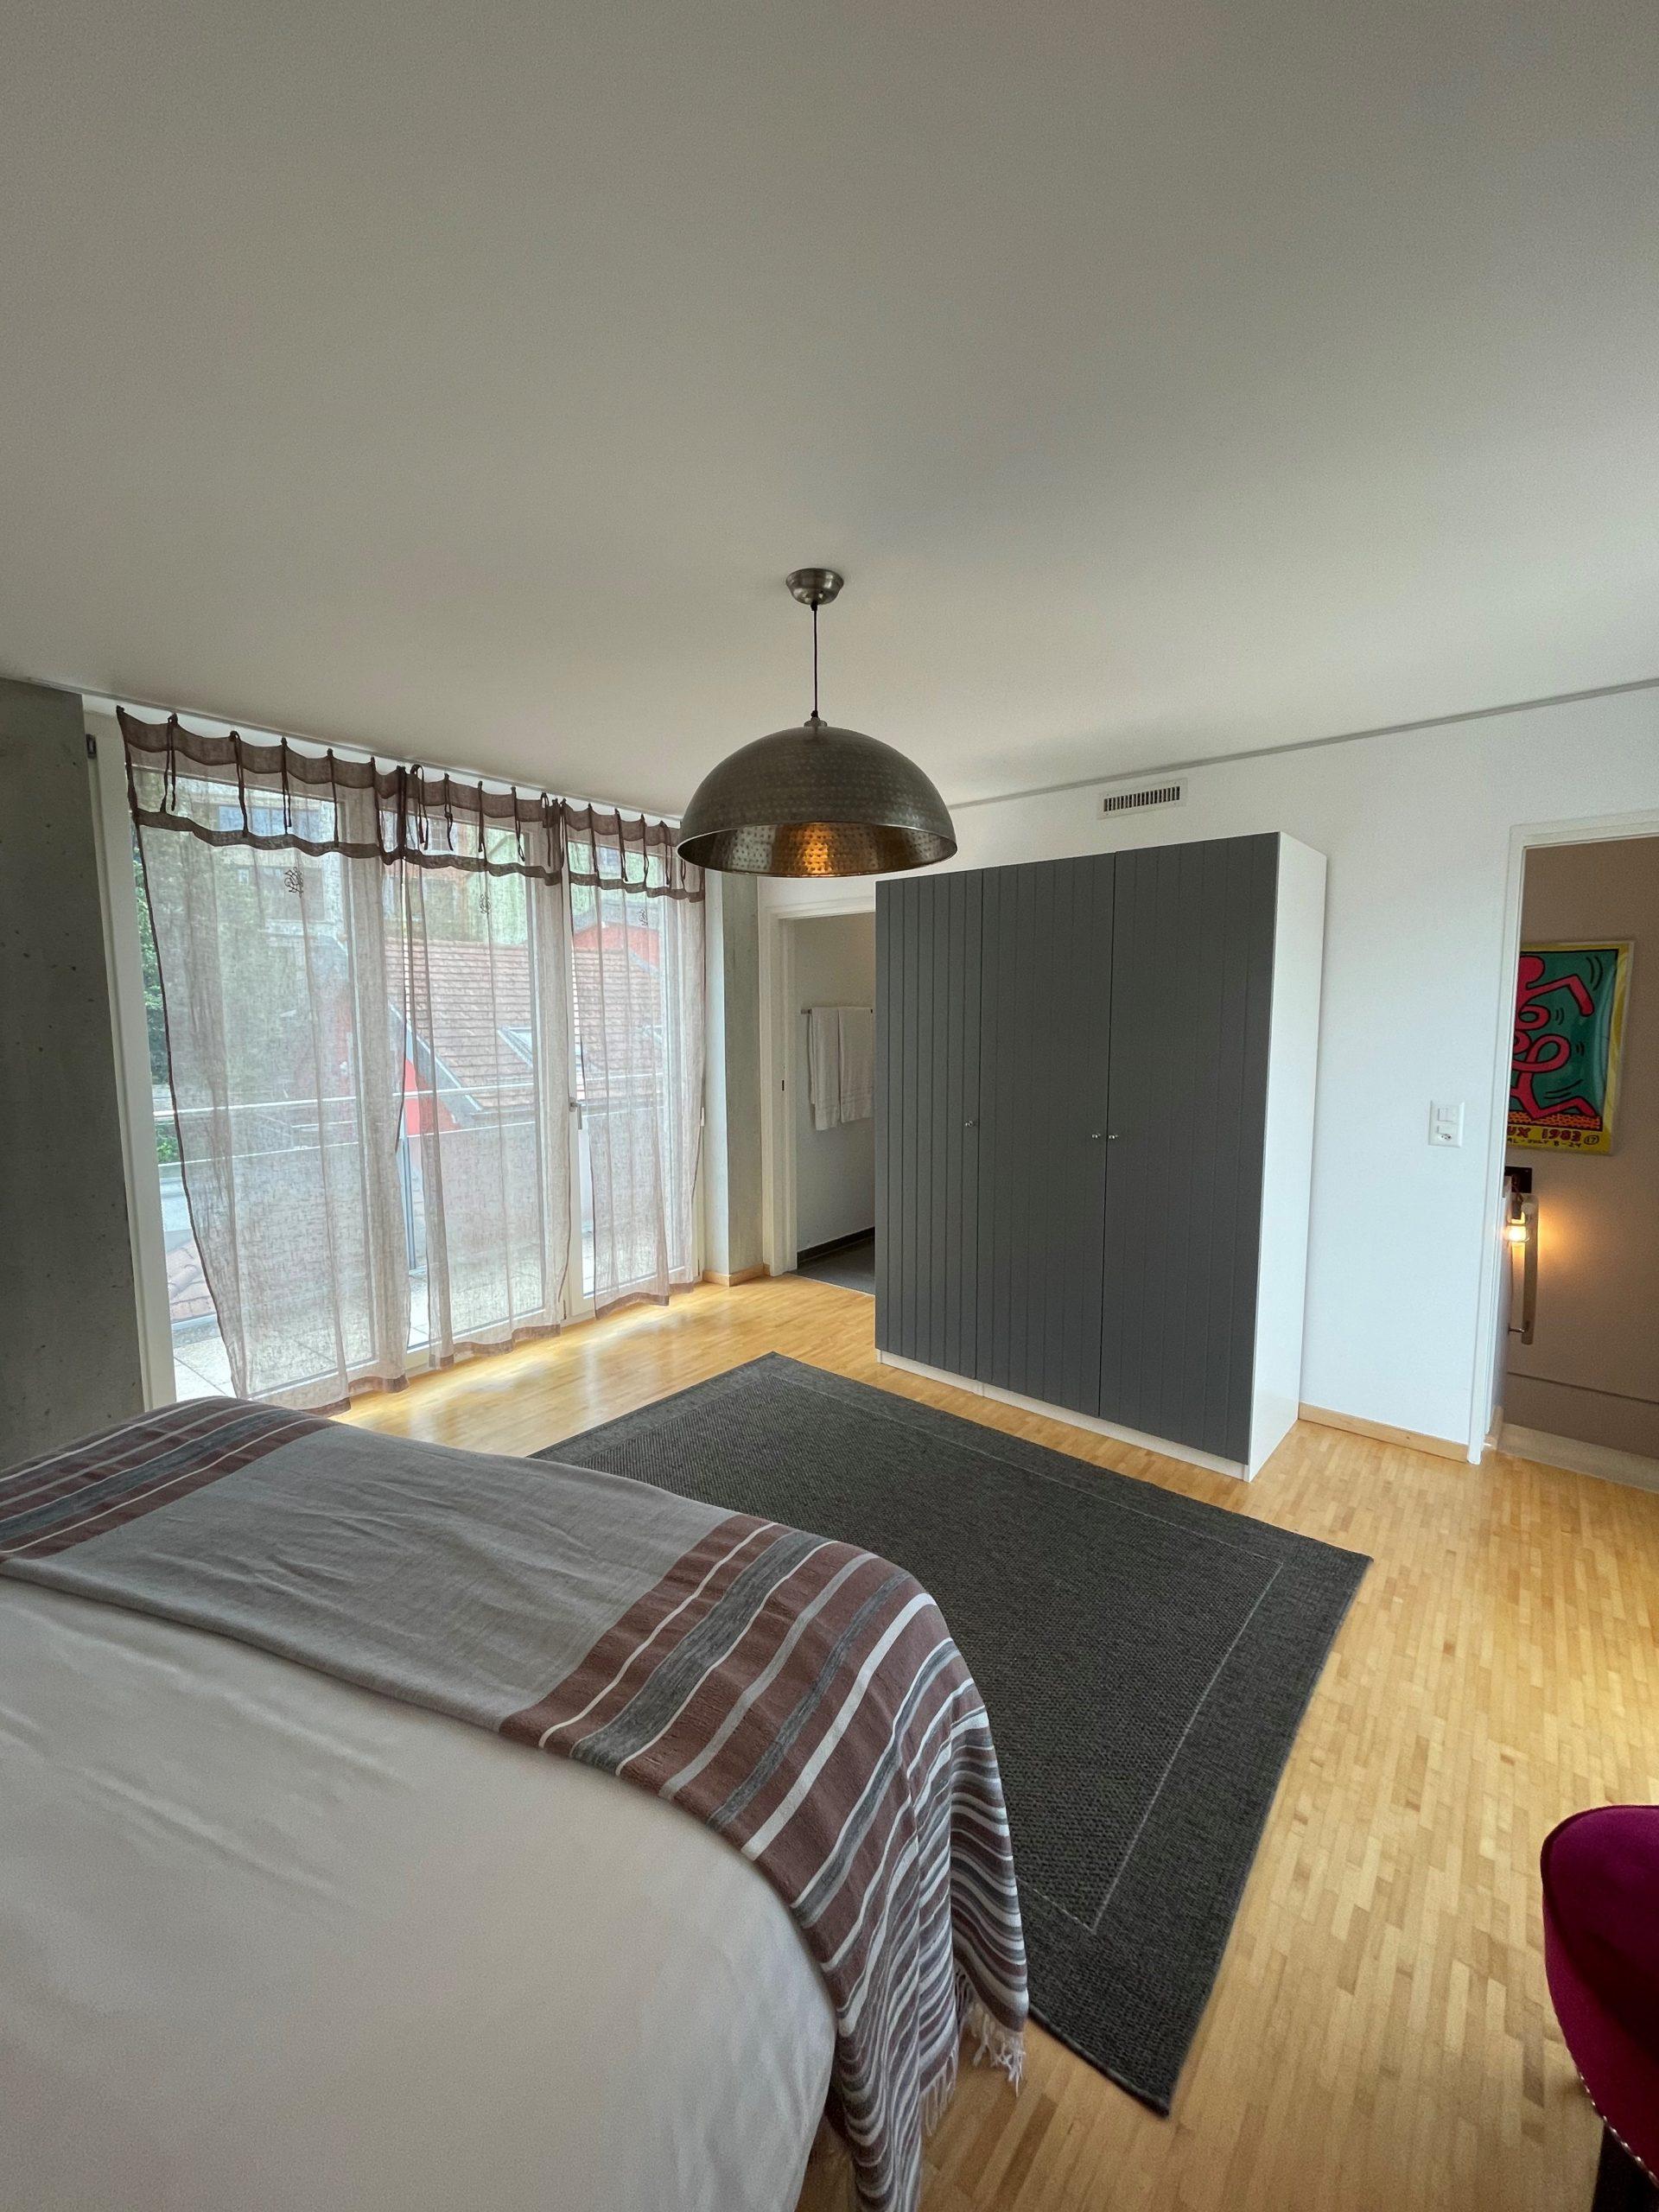 Rue du Flon 12, Lausanne - 2.5 pièces - Lot 4.3 15